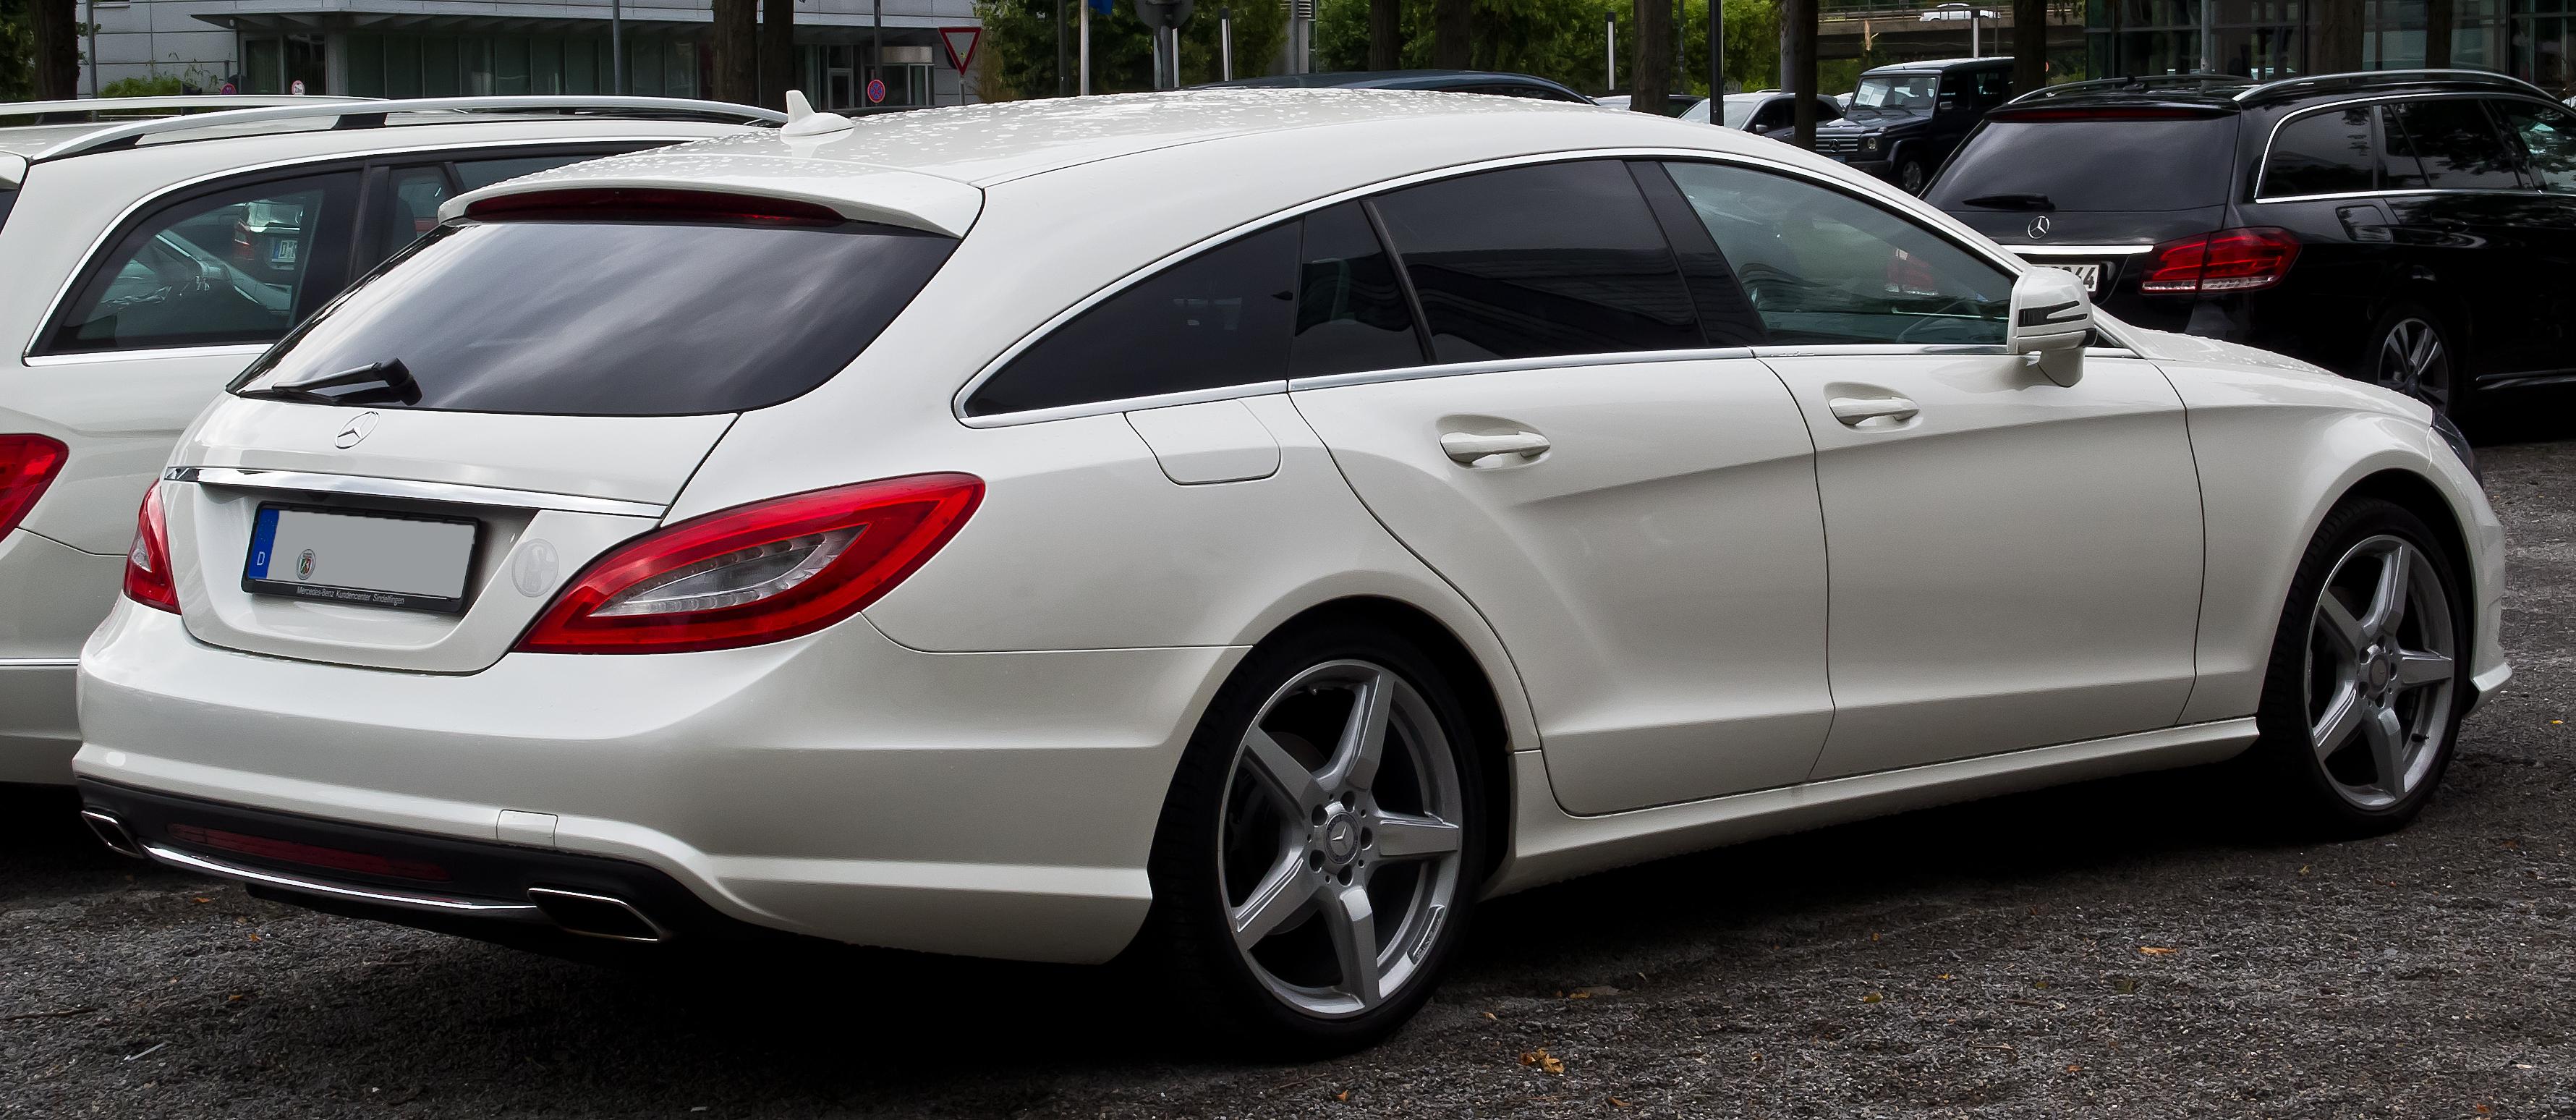 File Mercedes Benz Cls 350 Cdi Shooting Brake Sport Paket